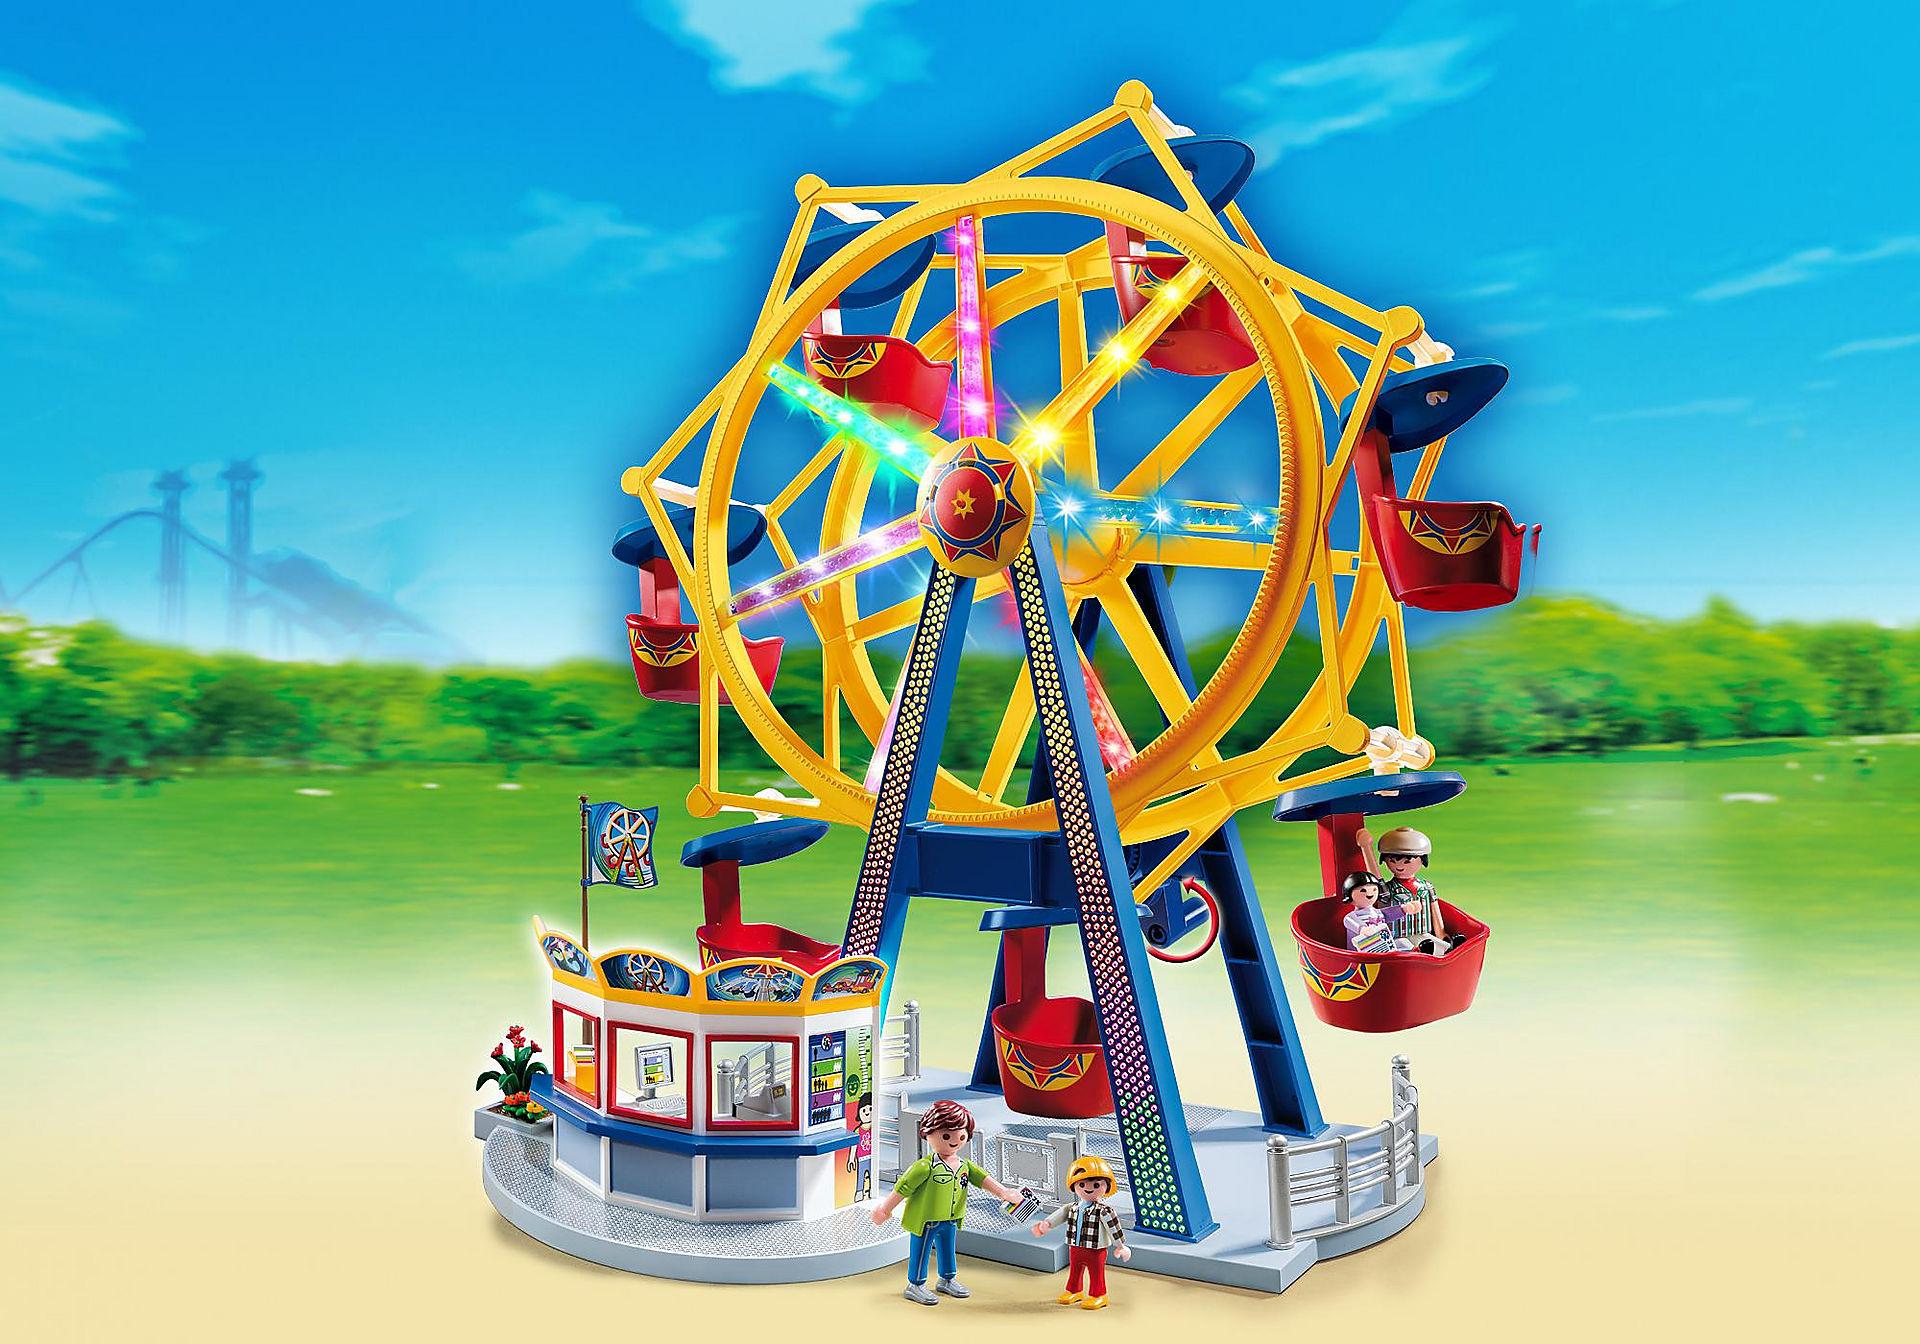 5552 Riesenrad mit bunter Beleuchtung zoom image1